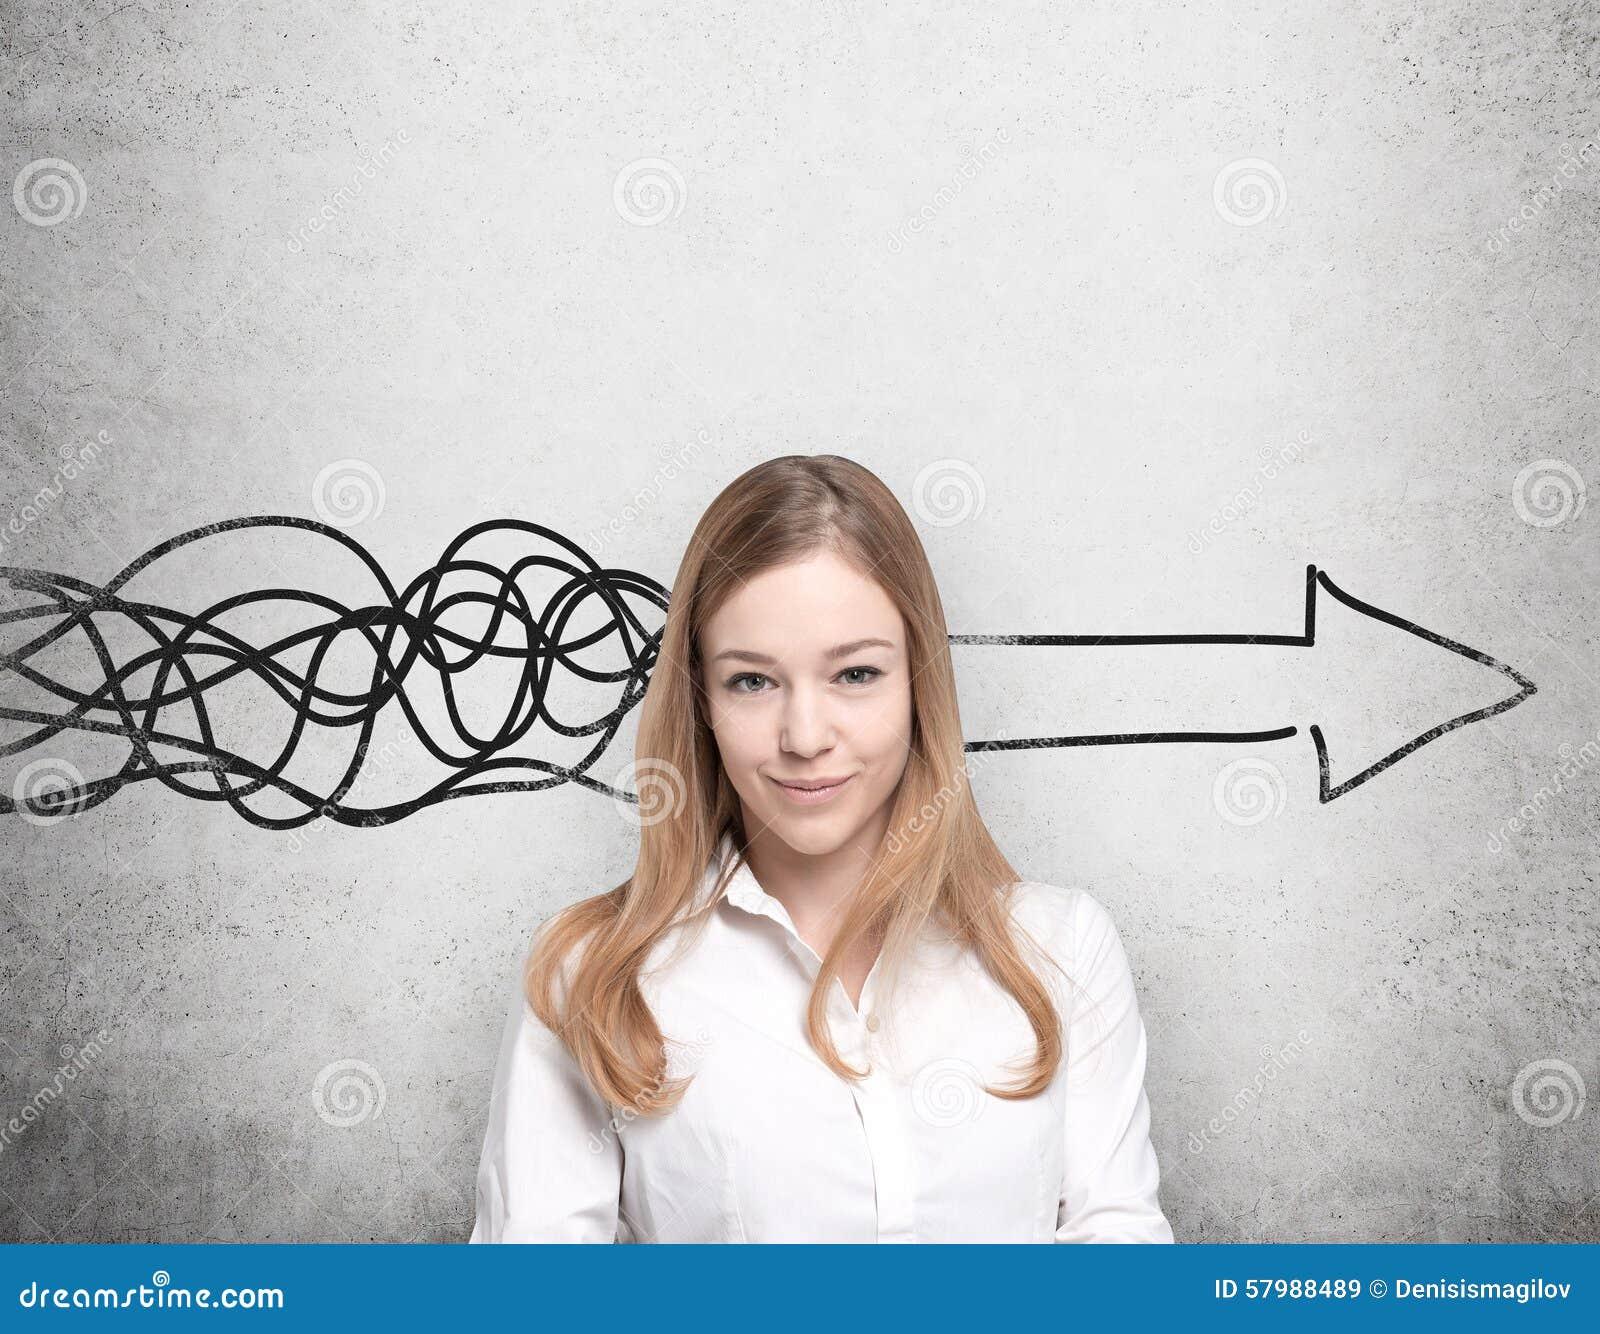 De mooie vrouw denkt over concept bedrijfsontwikkeling Een reusachtige pijl wordt getrokken op de concrete muur